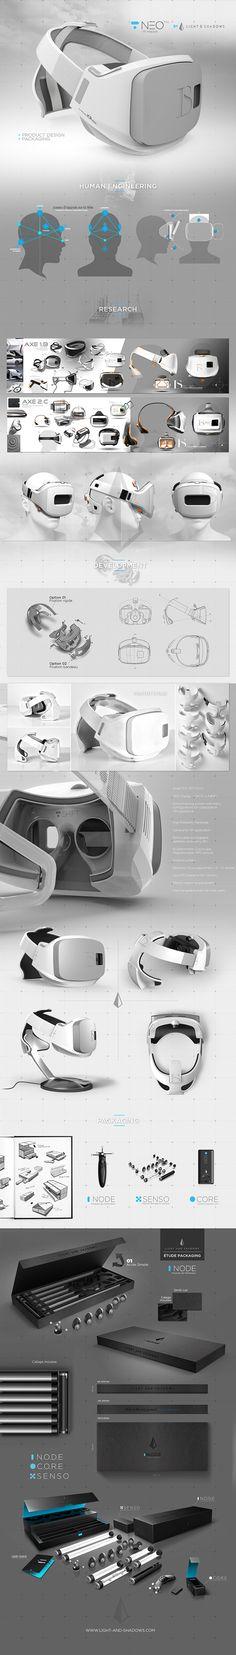 디자인과 함께 착용 예상도까지 있어서 사용법도 짐작이되고 좋다